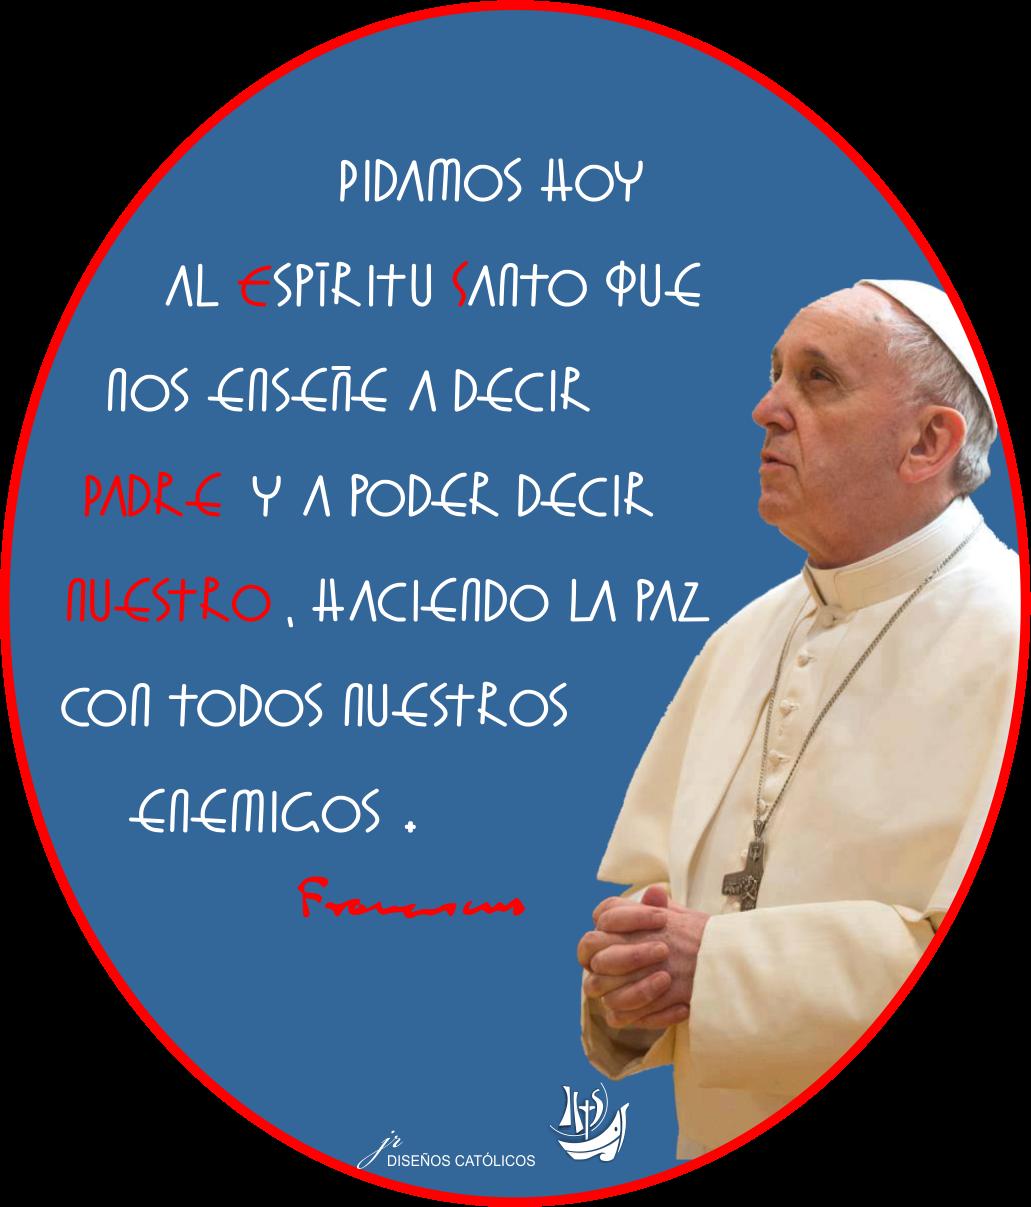 El papa aboga por el diálogo y la paz entre religiones en